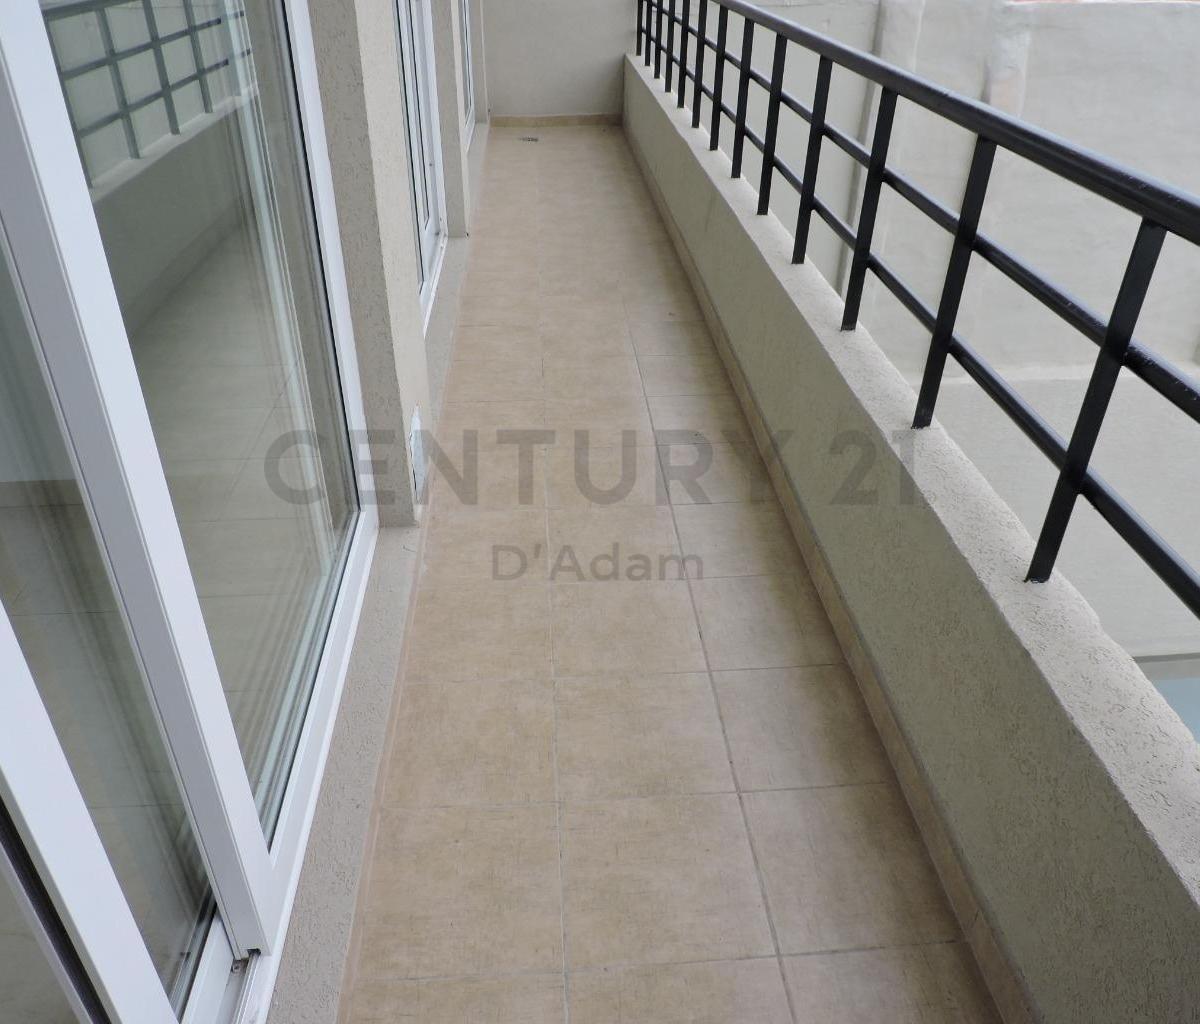 3 ambientes a estrenar, 2 baños, terraza propia parrilla, 108 metros totales!